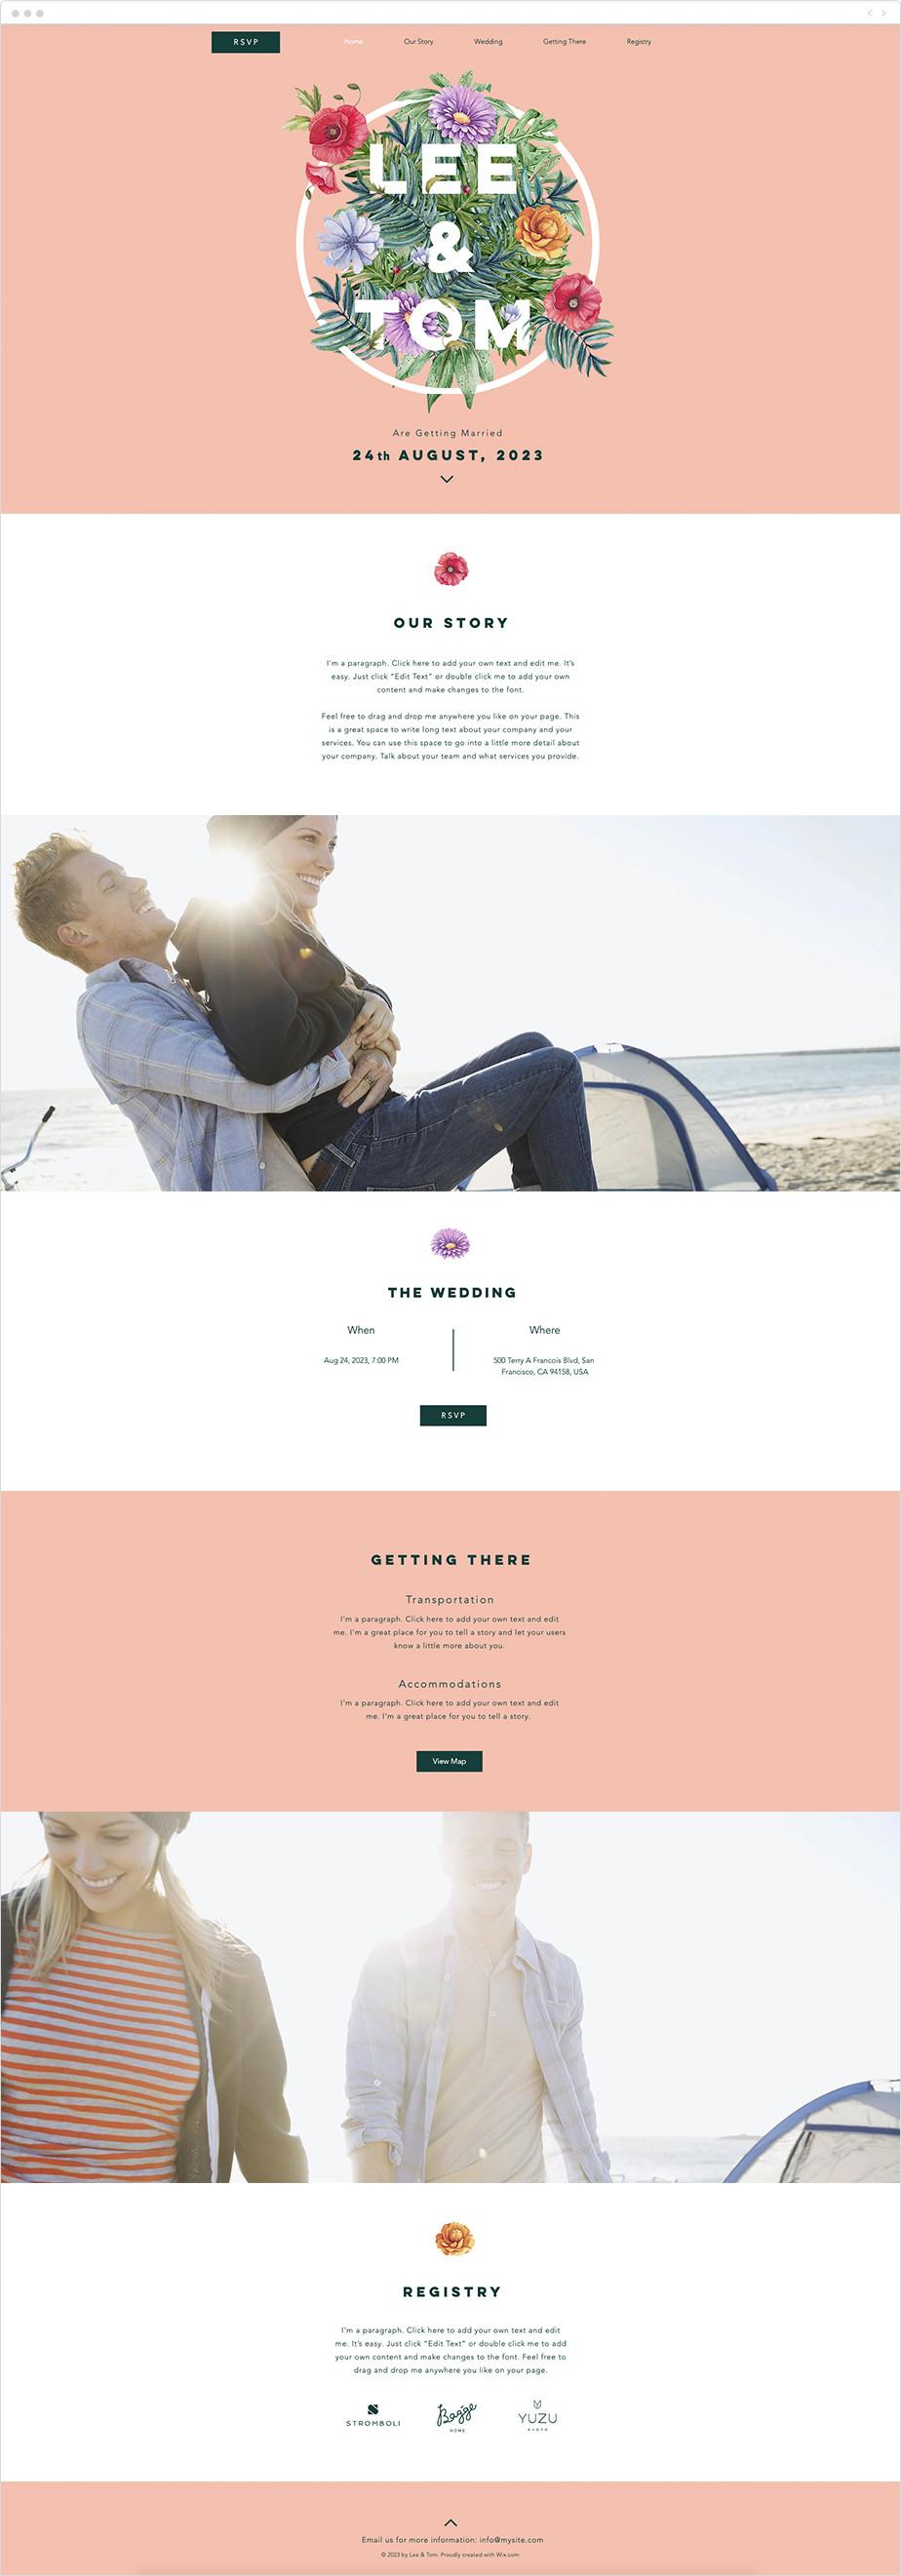 Plantilla web wix para invitación de boda estilo floral